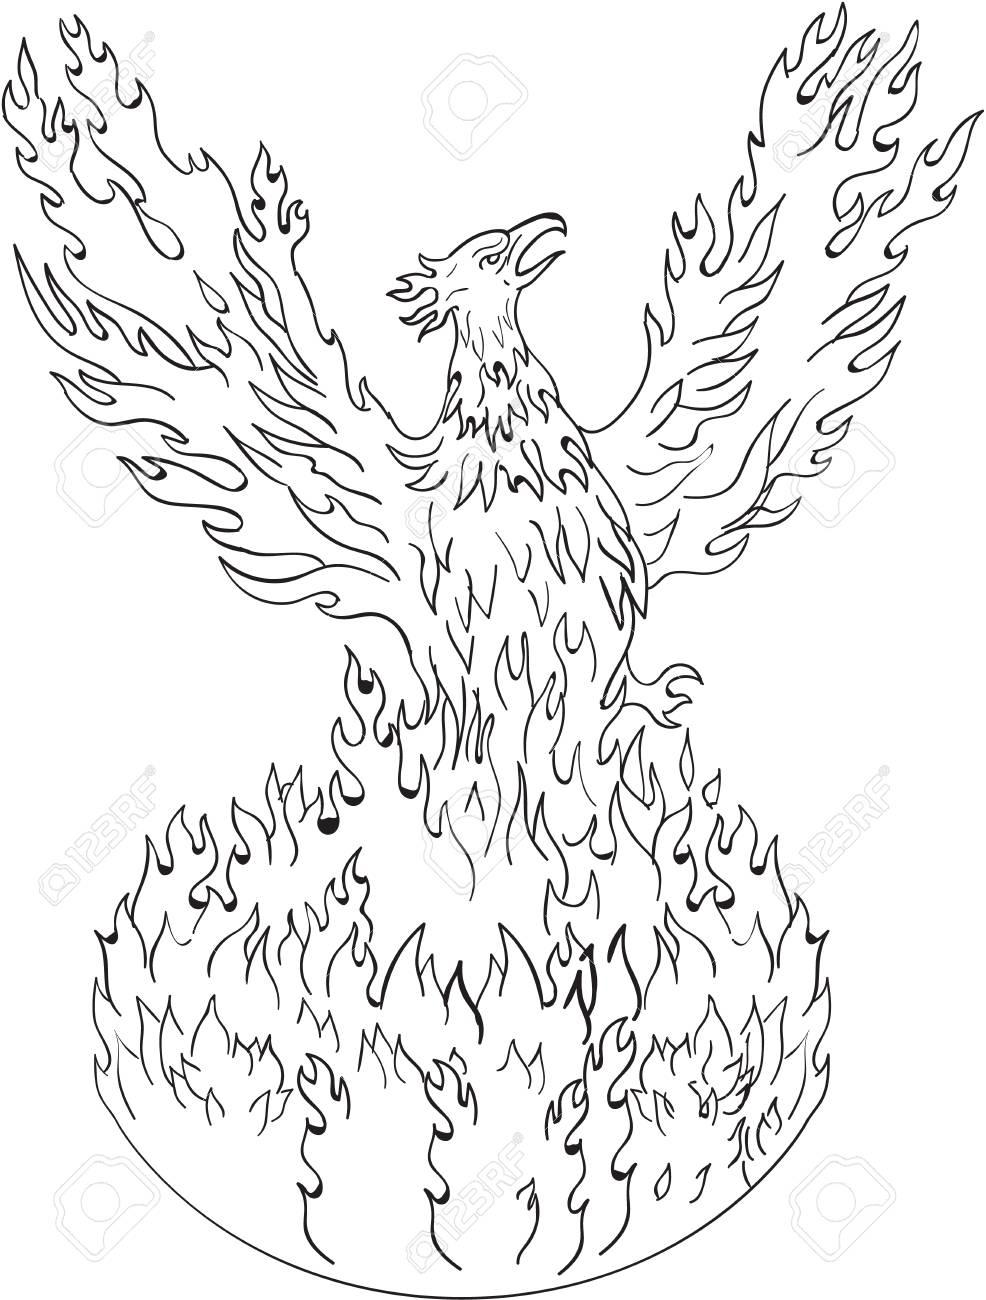 Dessin Illustration De Style De Croquis Dun Phénix Sélevant De Flammes Ardentes Ailes Levées Pour Le Vol Effectué En Noir Et Blanc Sur Fond Blanc